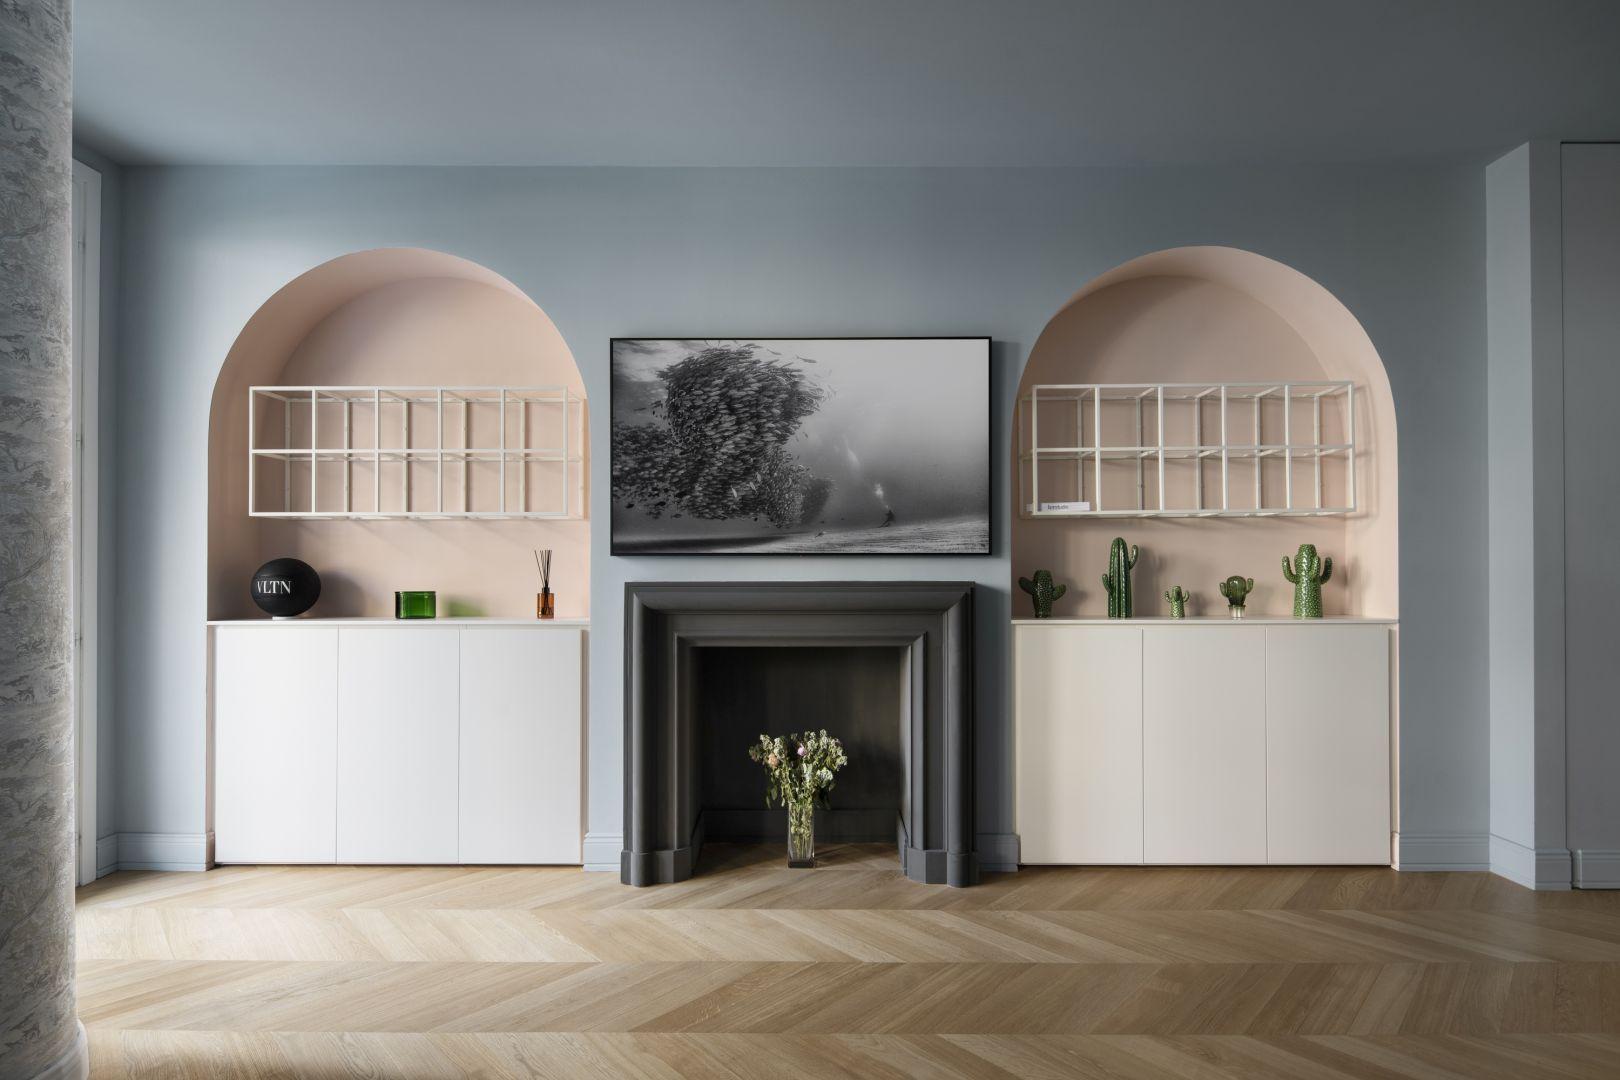 Niesamowite mieszkanie w sercu Porta Romana. Tak wygląda stylowy apartament po remoncie. Fot. Aran Cucine Altaguardia Ph. Credits Luca Argenton